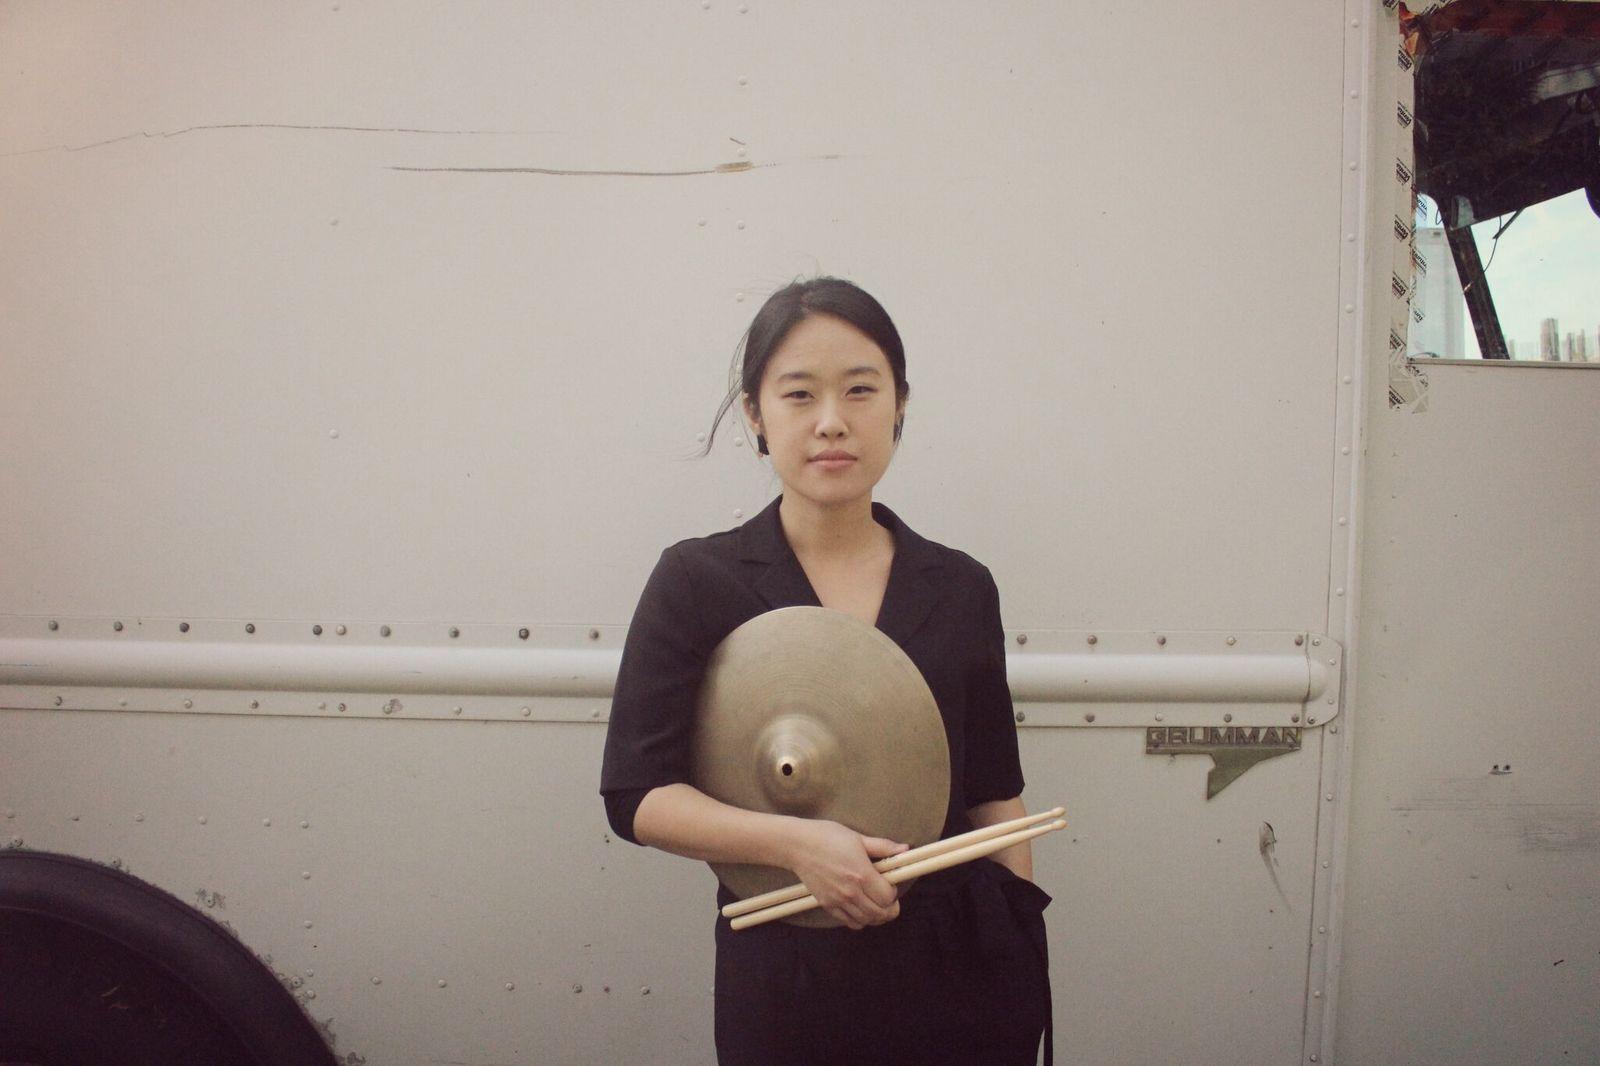 Mili Hong